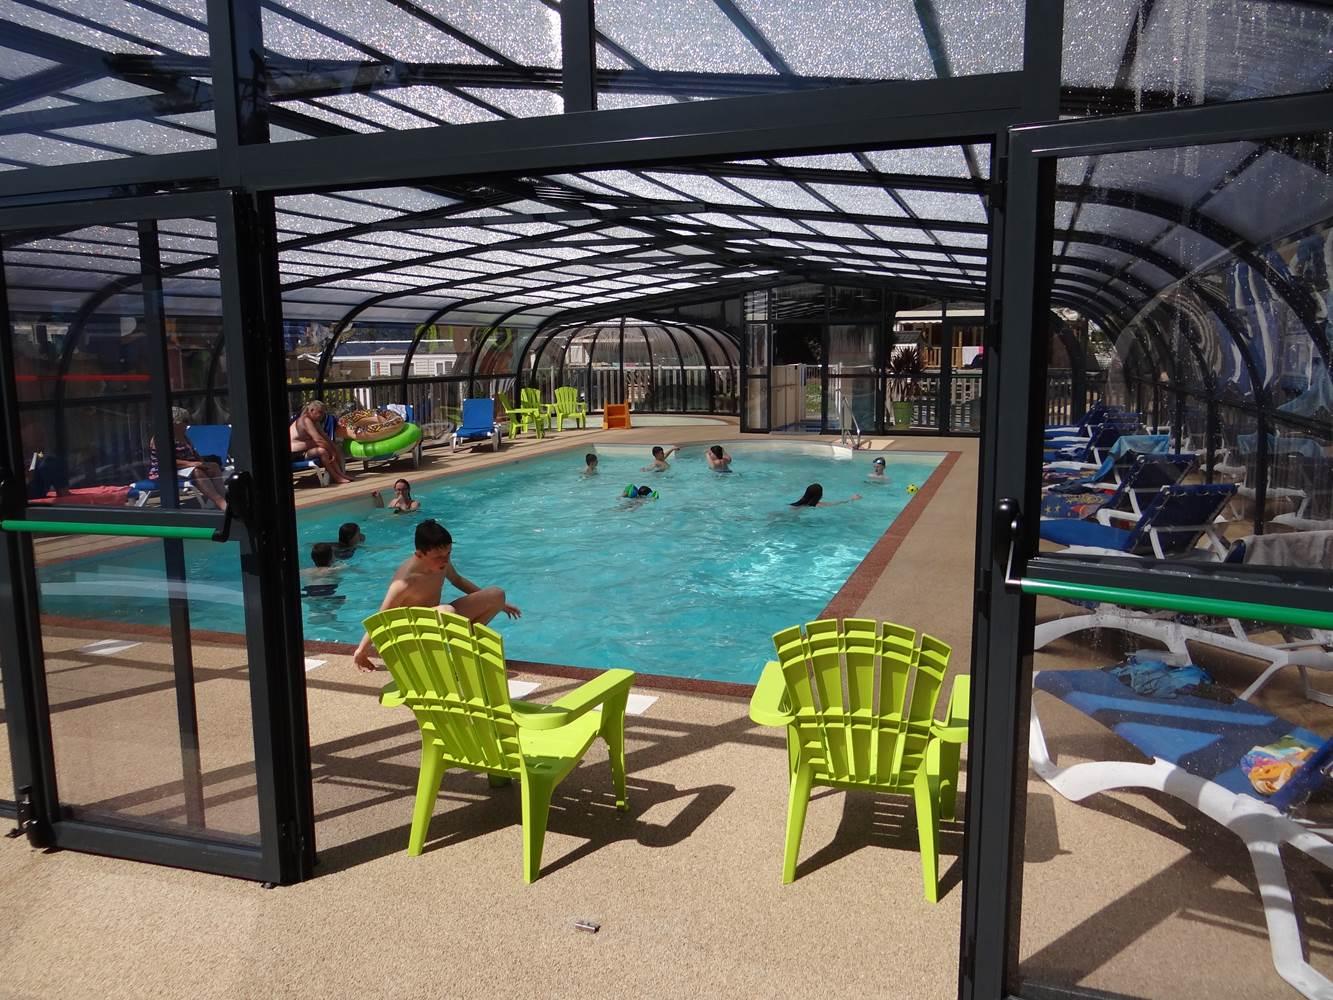 vue intérieur piscine couverte ©